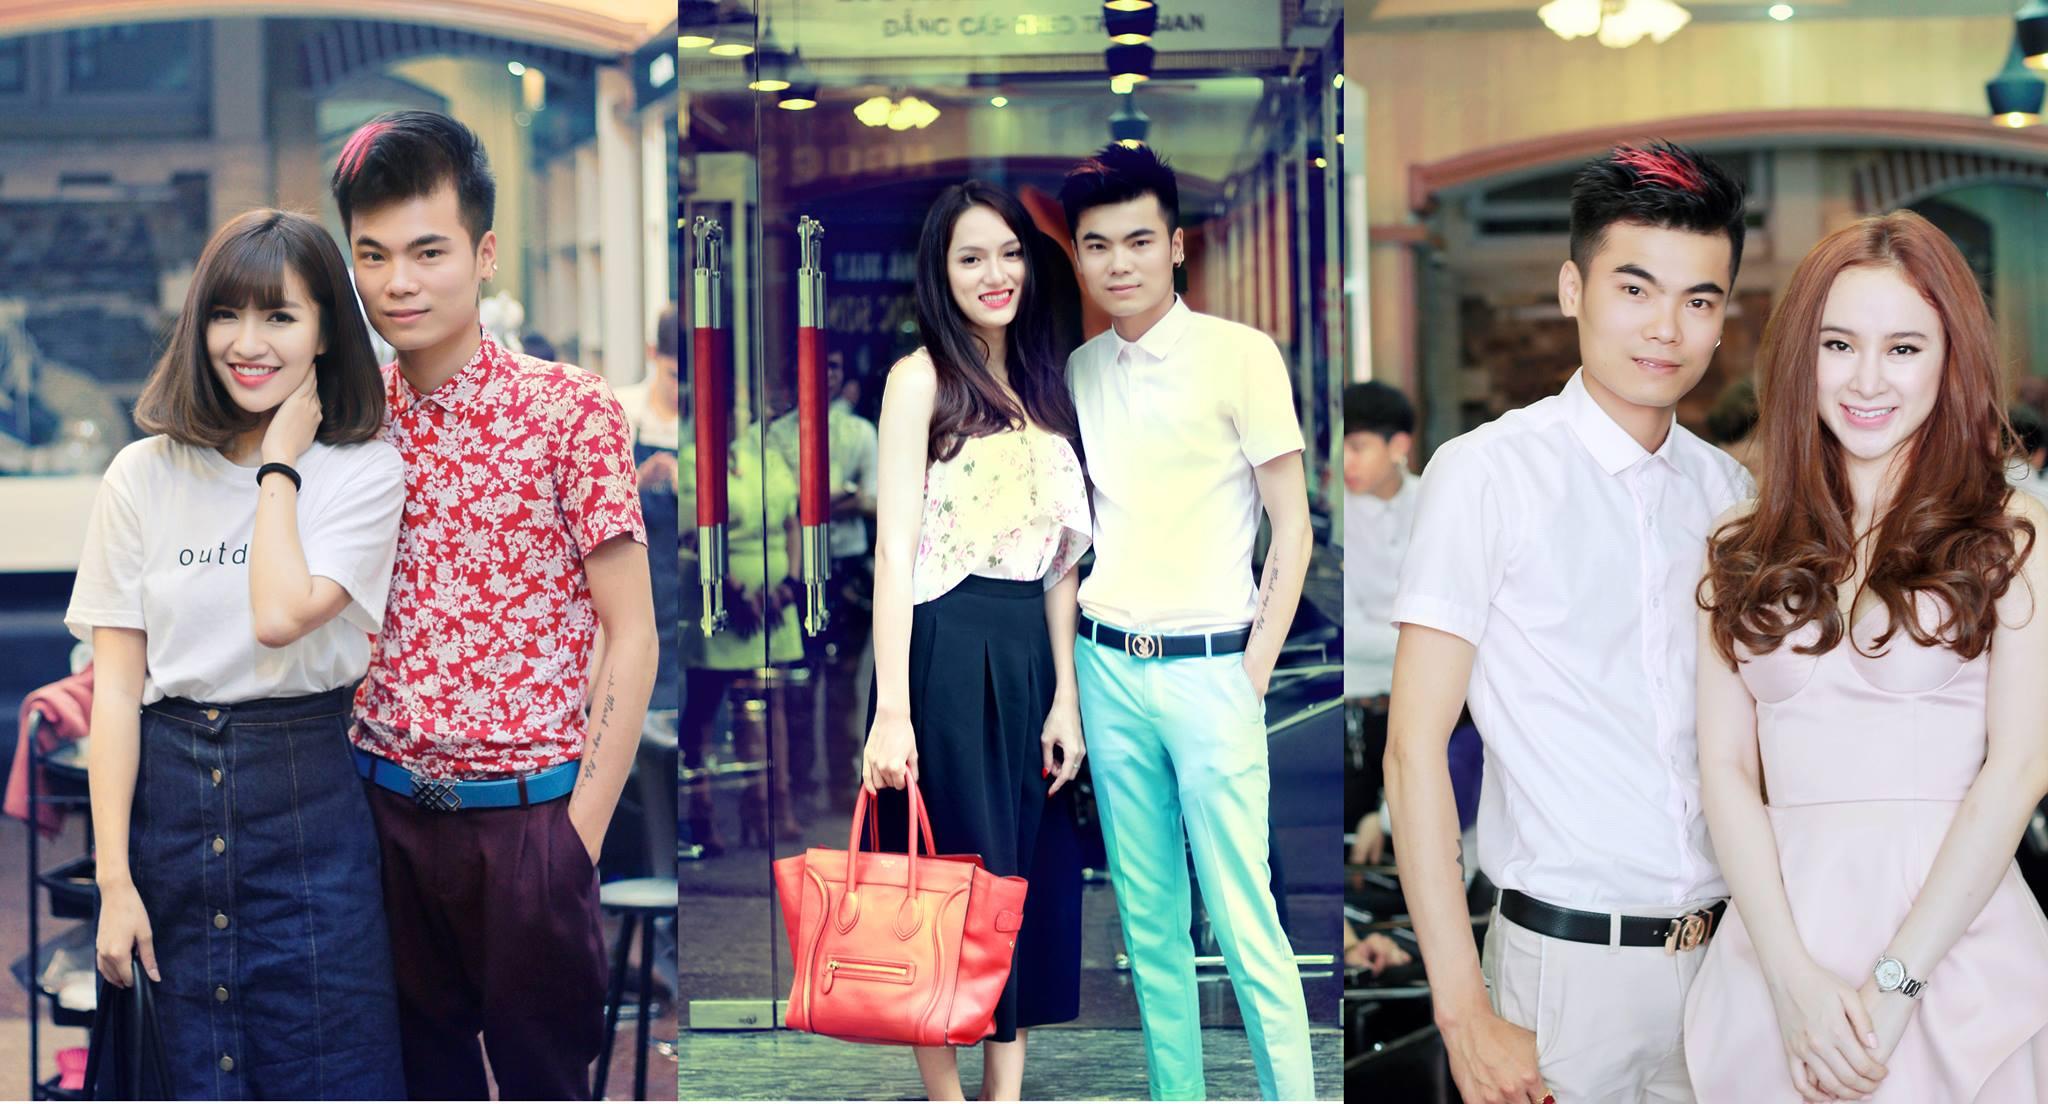 chủ tiệm cắt tóc Royal Nguyễn Hairstylist